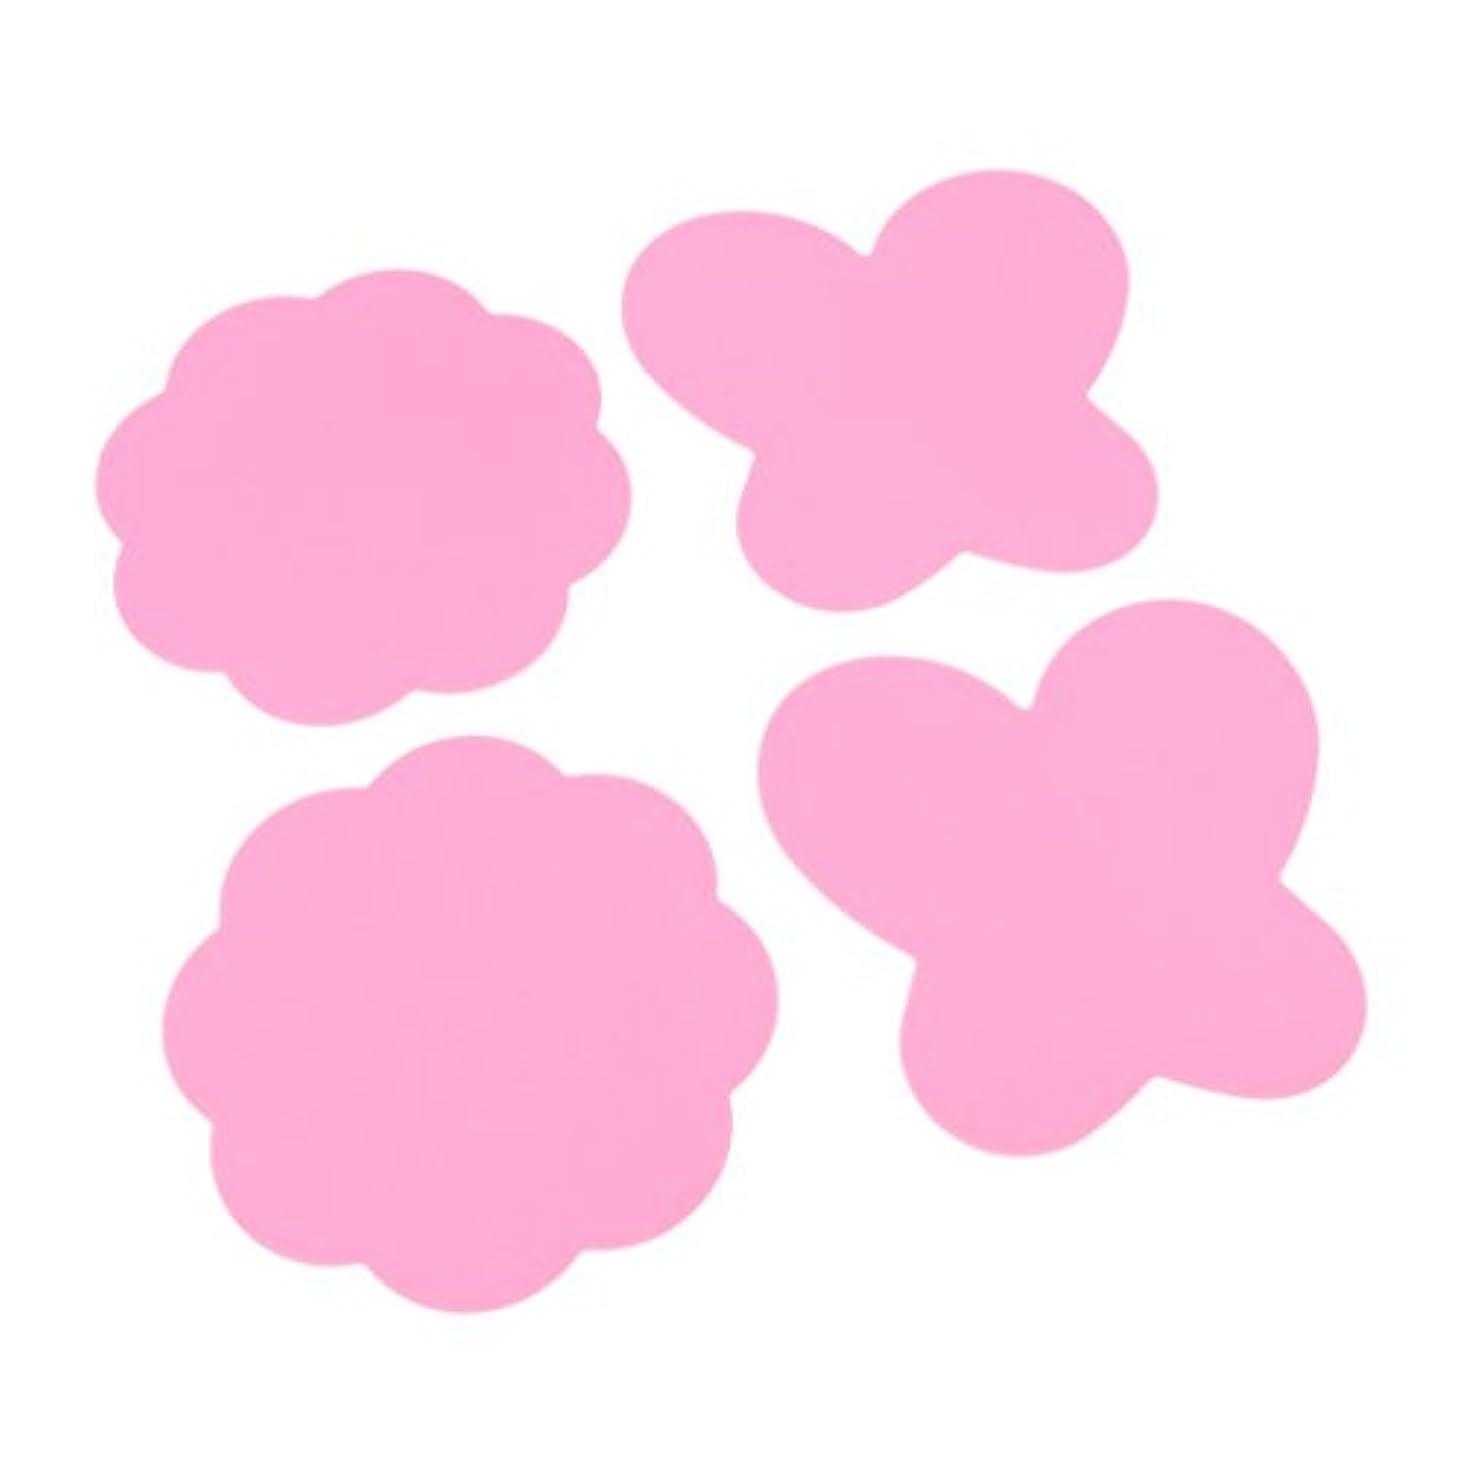 大胆な不調和マイクミキシングペイント マット パレットマット 折り畳み式 シリコン 4個 全4色 - ピンク